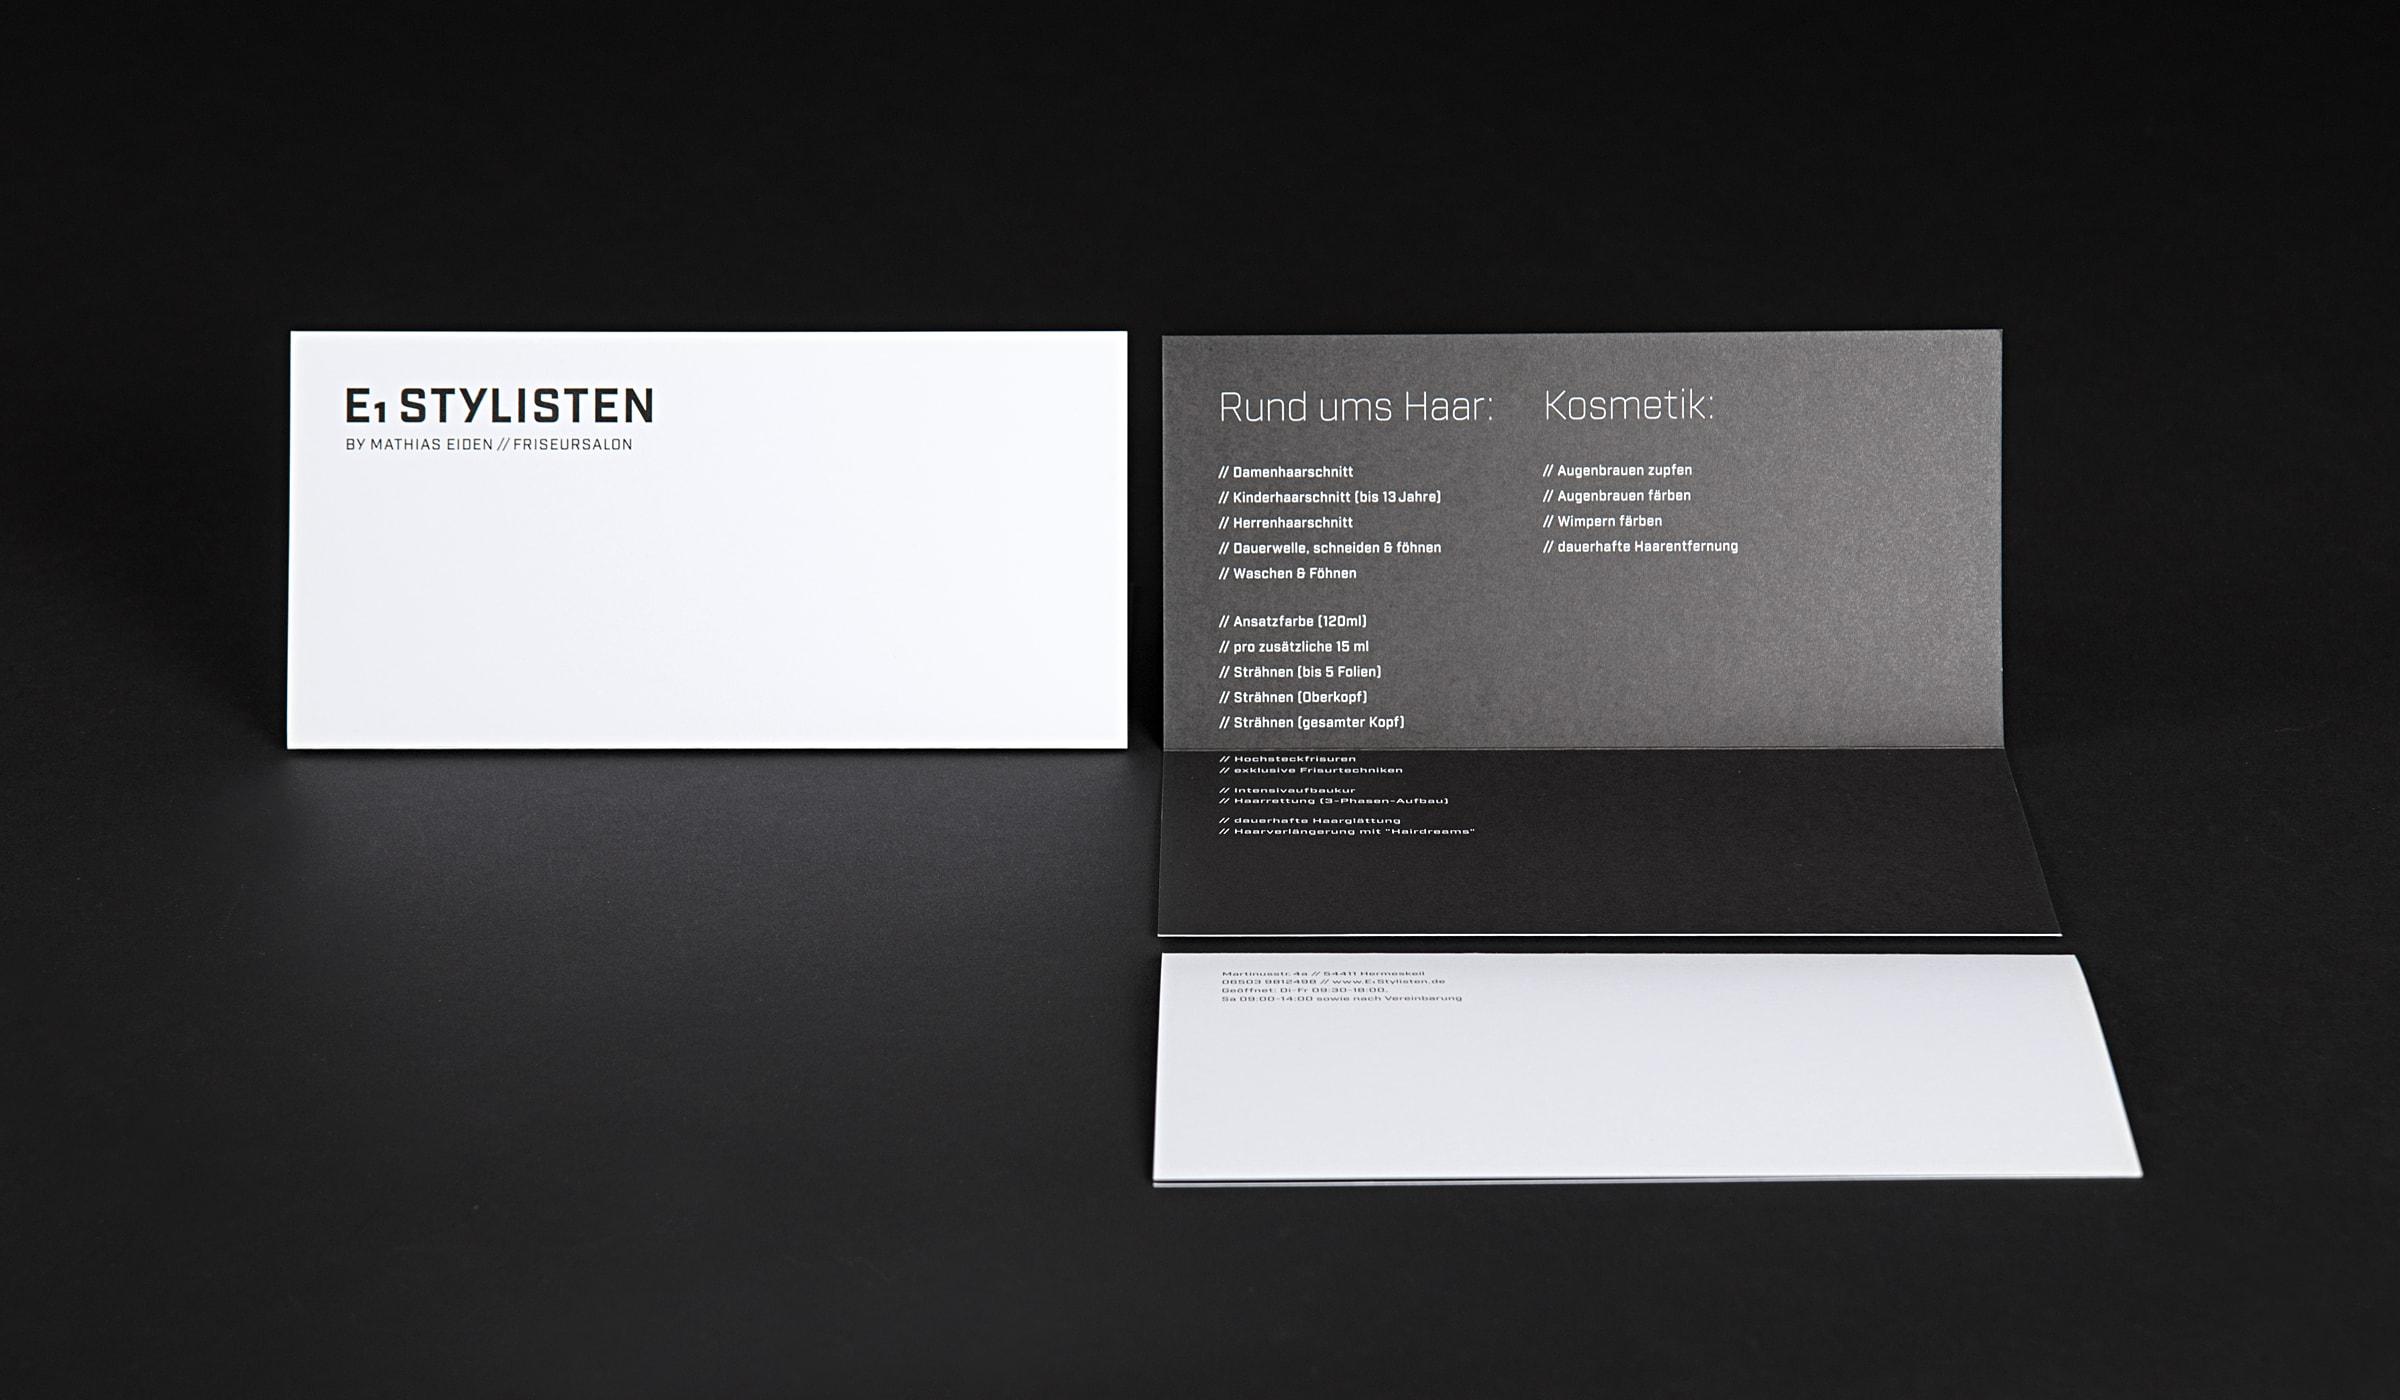 Corporate Design für einen Friseursalon in Hermeskeil. Werbung und Grafikdesign erstellt durch die Werbeagentur mieker - Konzept Design Strategie. Die Handzettel mit exklusiver Faltung und Prägung folgen dem Designkonzept. Das Corporate Design umfasst des Weiteren Visitenkarten, Briefpapier, Briefumschläge sowie Design Textildruck und Werbemittel. Bestandteile des Branding: Corporate Design, Brand Design, Logodesign. Regionen: Hermeskeil, Trier, Saarbrücken, Luxemburg.